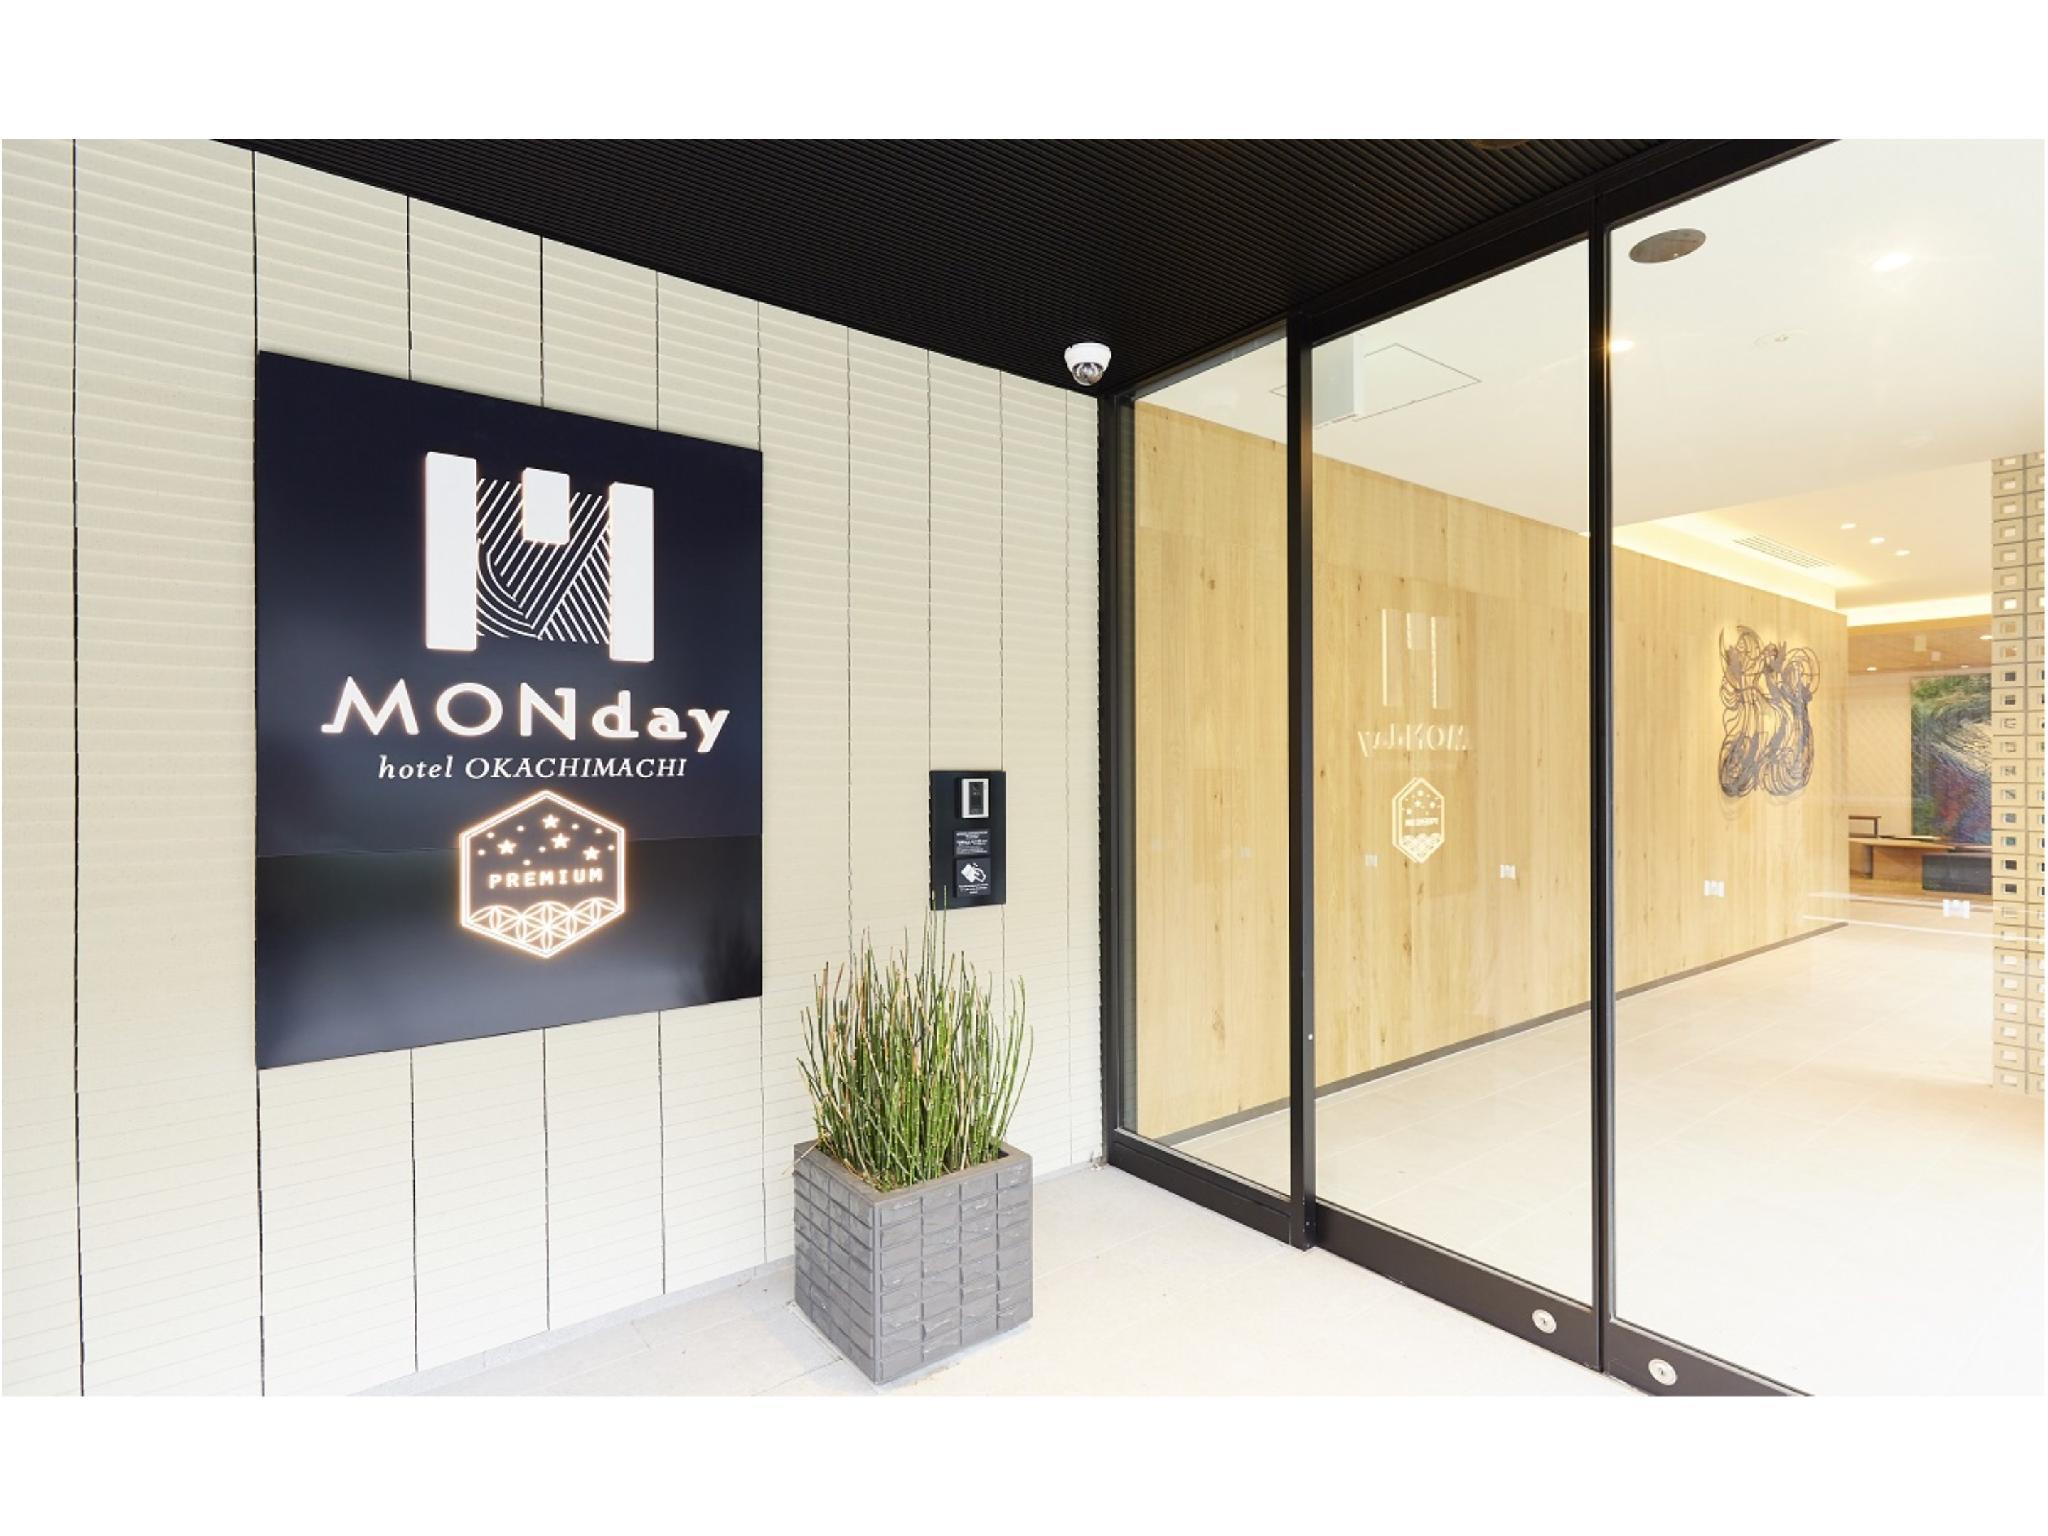 hotel MONday 御徒町